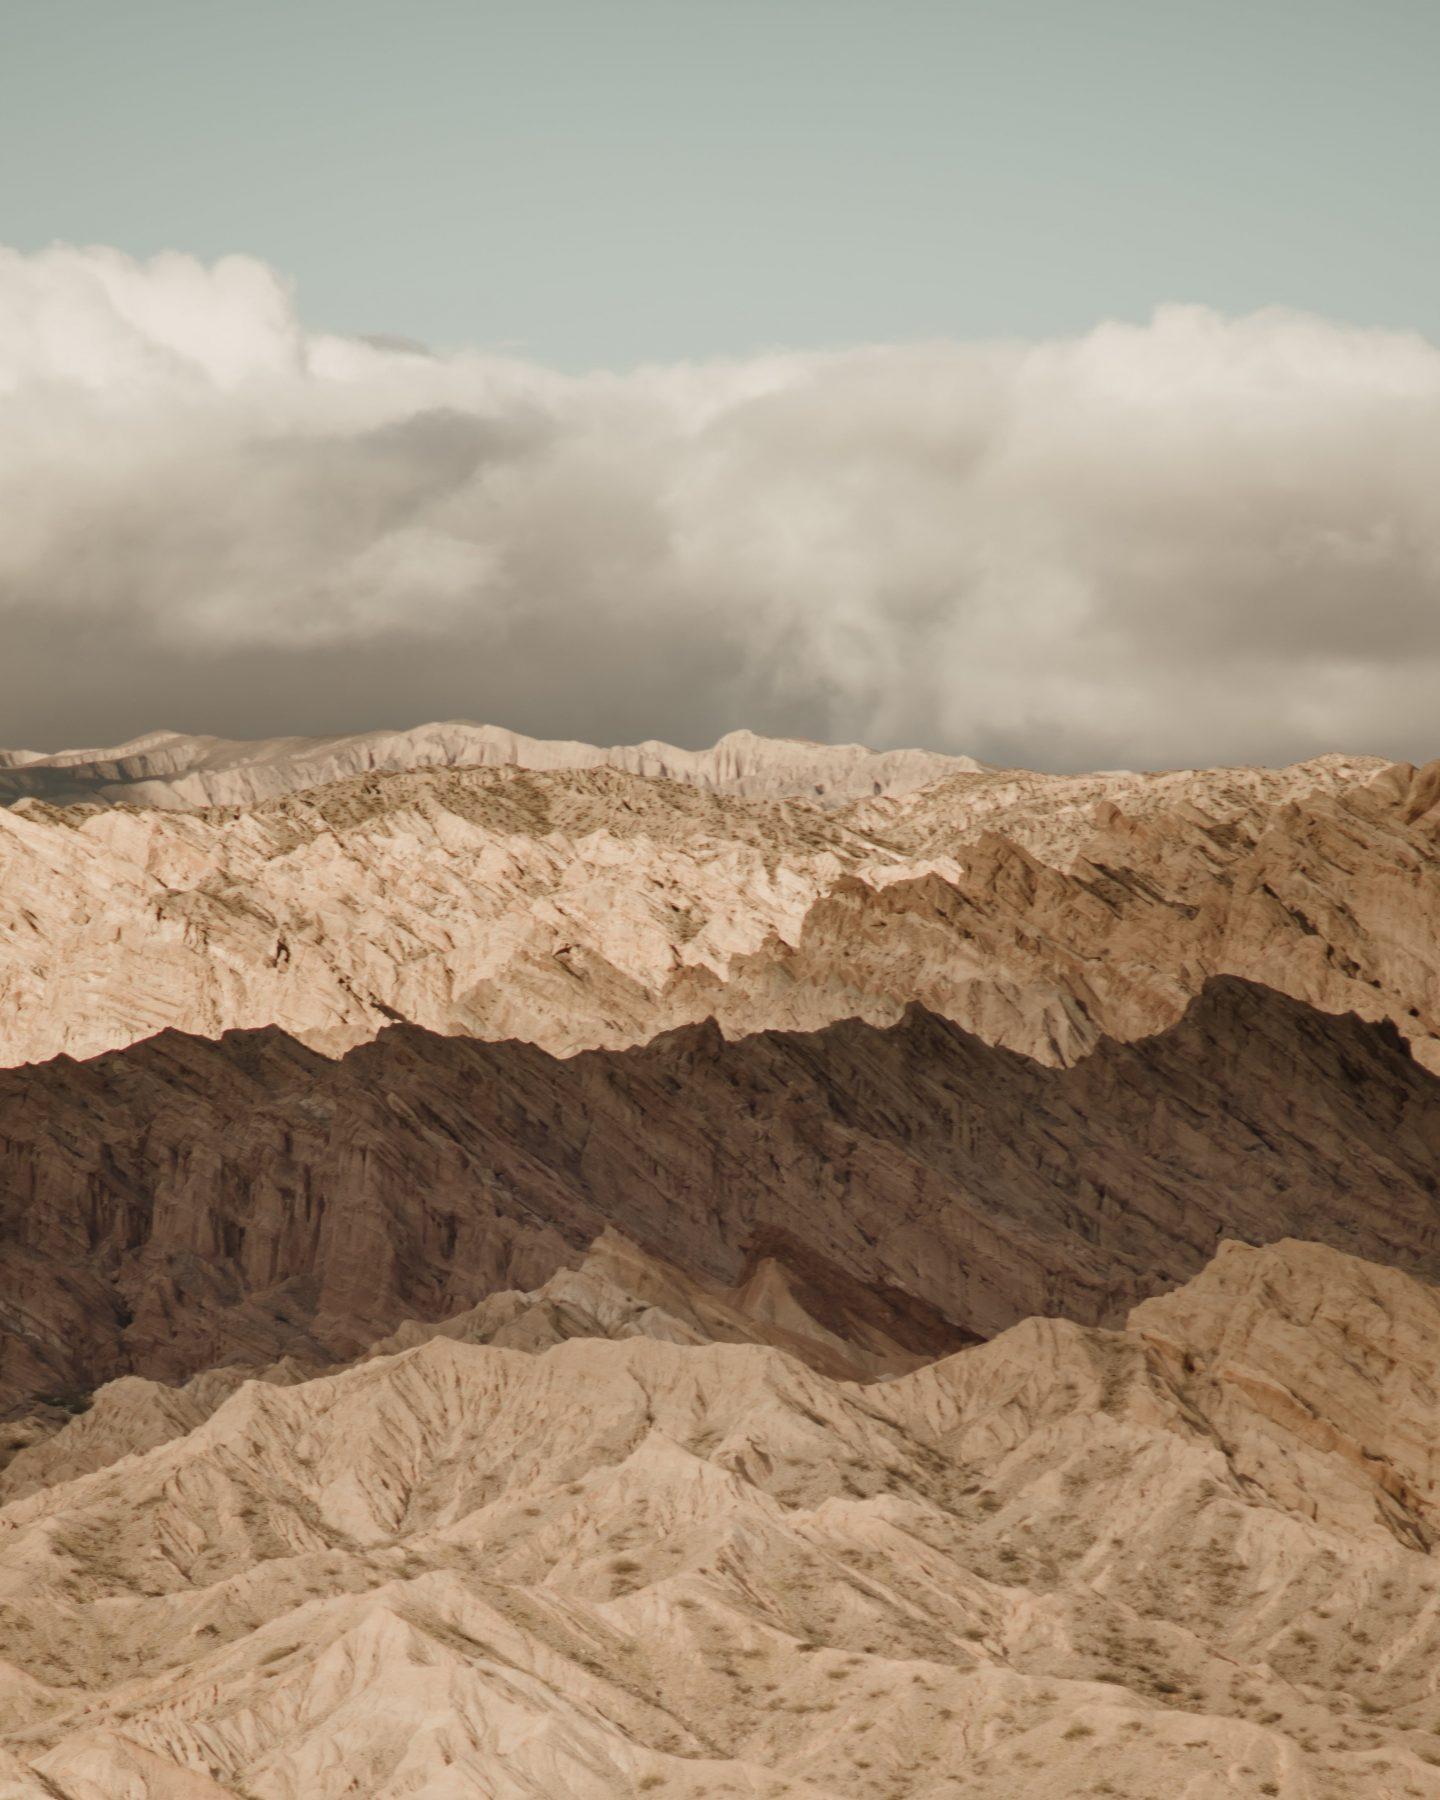 IGNANT-Photography-Landscape-HoracioReyePaez-12